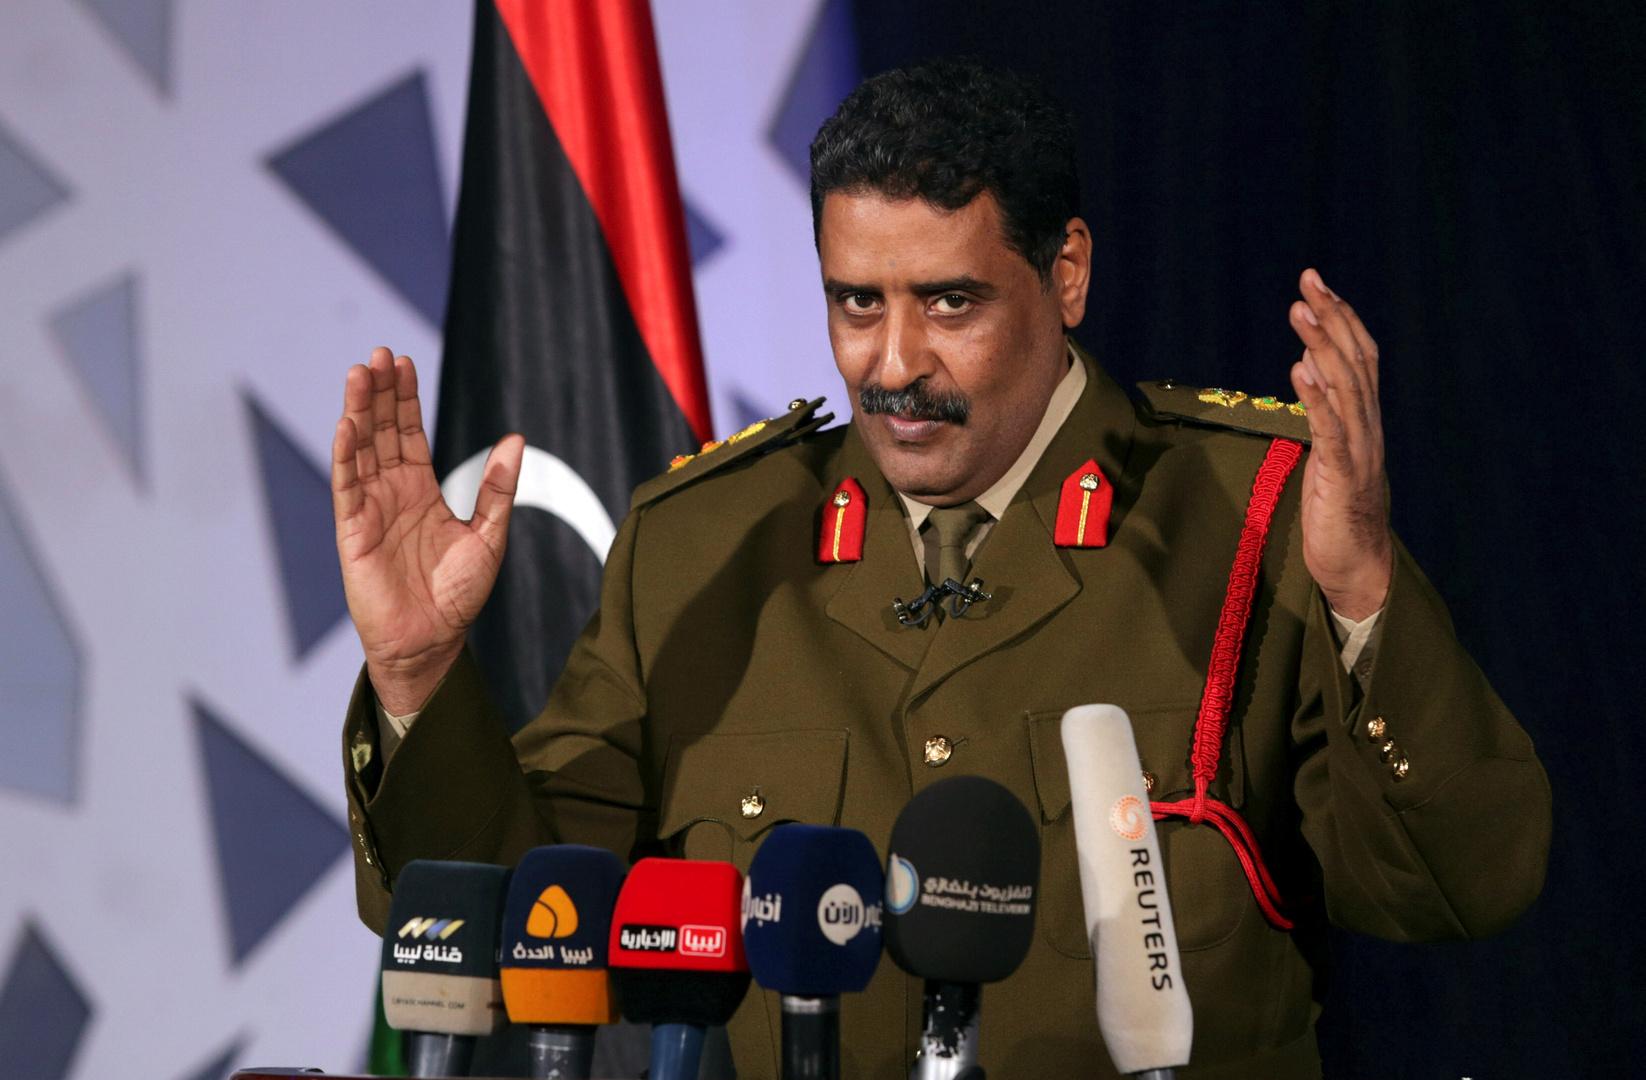 ليبيا.. الجيش يتراجع 3 كيلومترات عن طرابلس ويدعو إلى وقف سفك الدماء